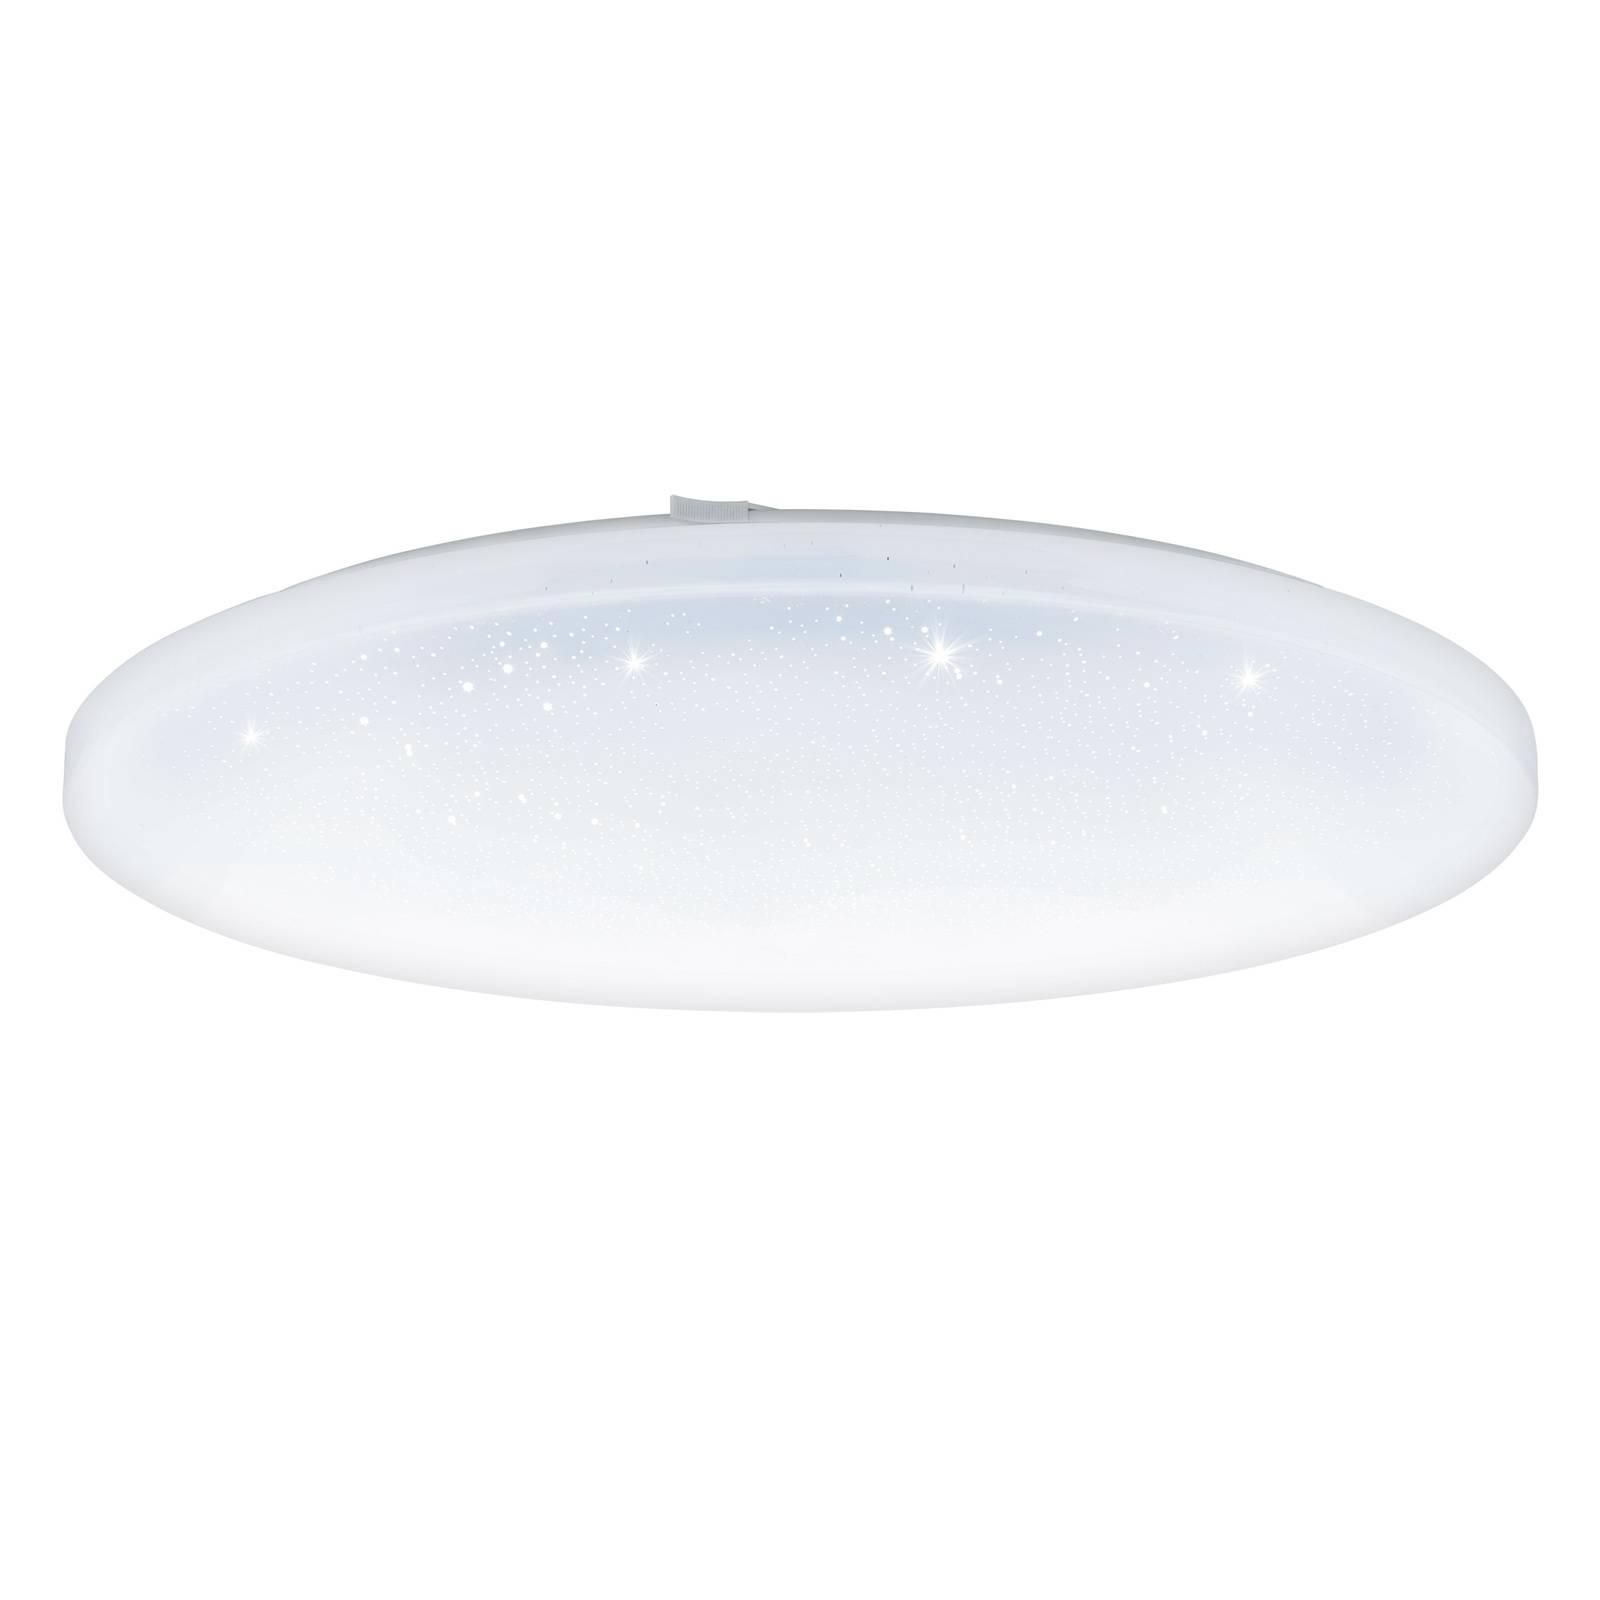 Lampa sufitowa LED Frania kryształowa, okrągła